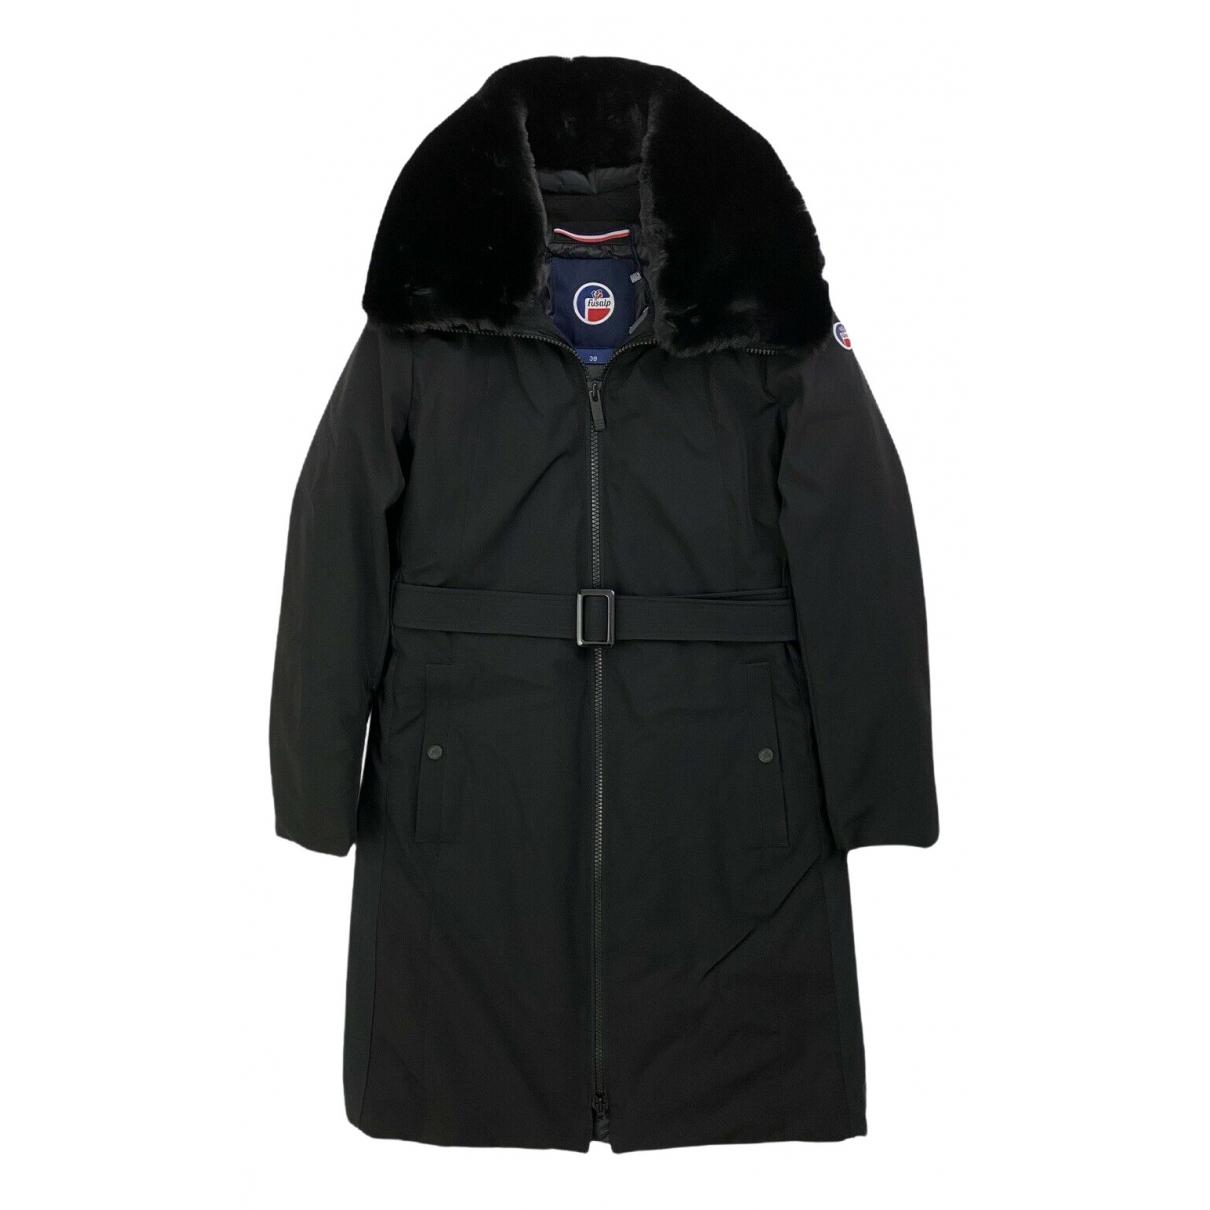 Fusalp \N Black coat for Women 38 FR